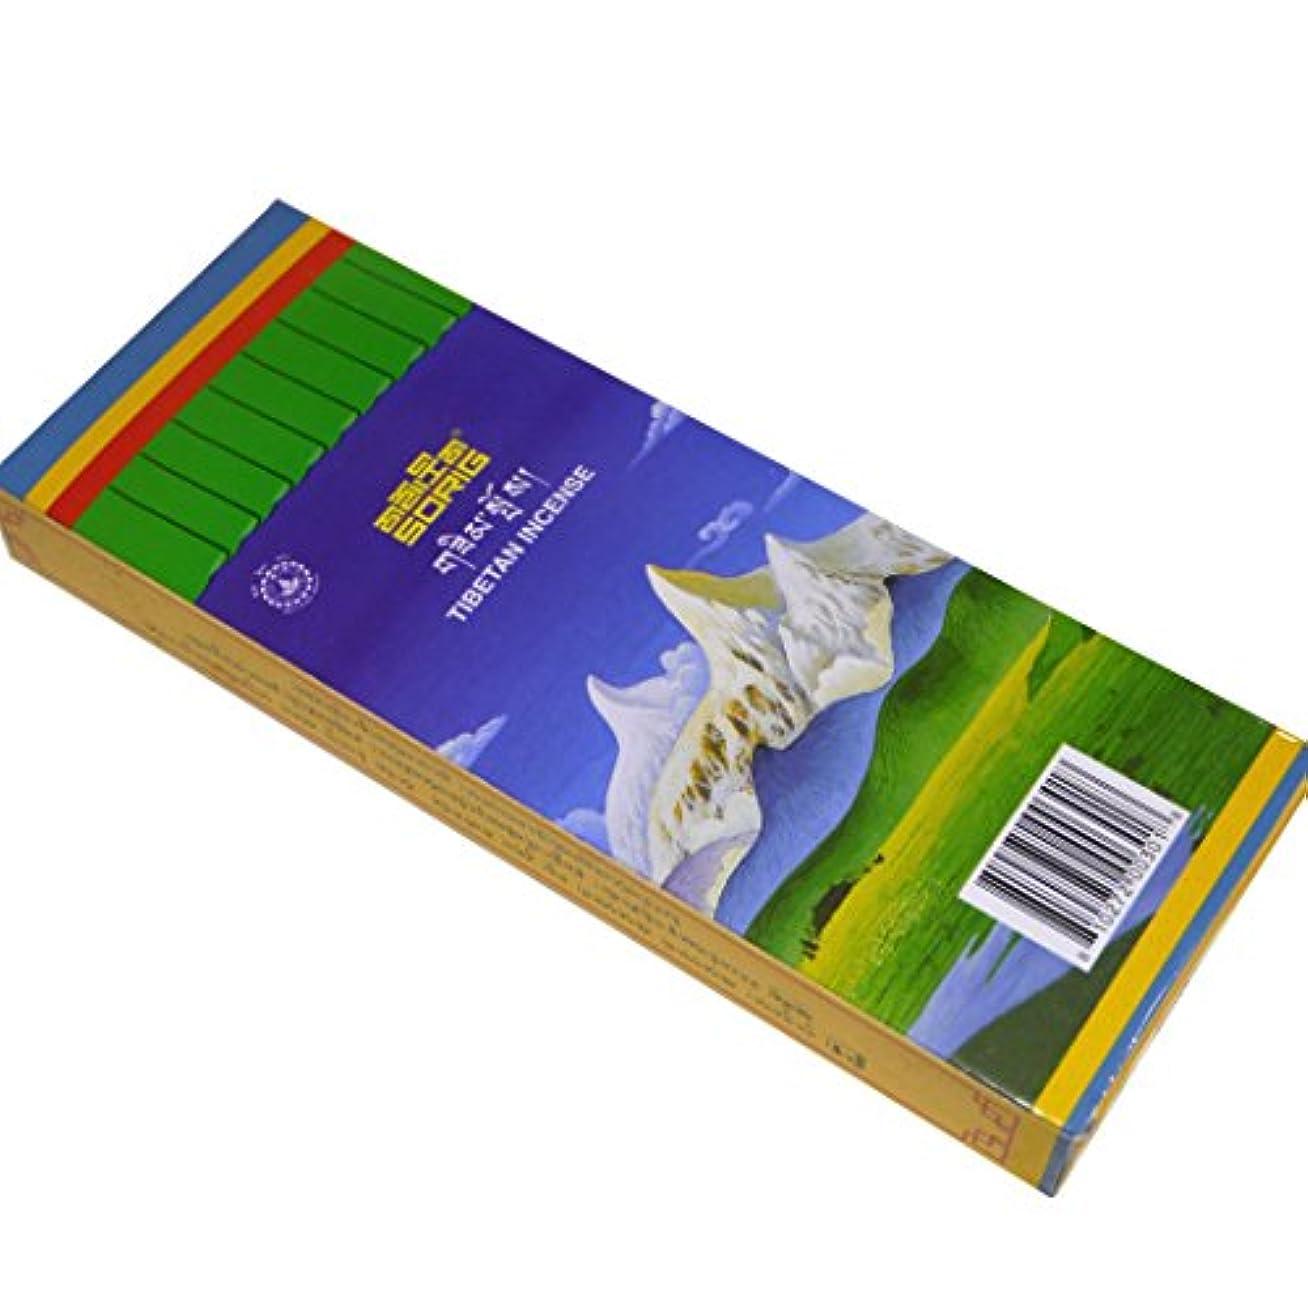 宣教師義務的間違っているメンツィーカン チベット医学暦法研究所メンツィーカンのお香【SORIGソリグ ビッグ】